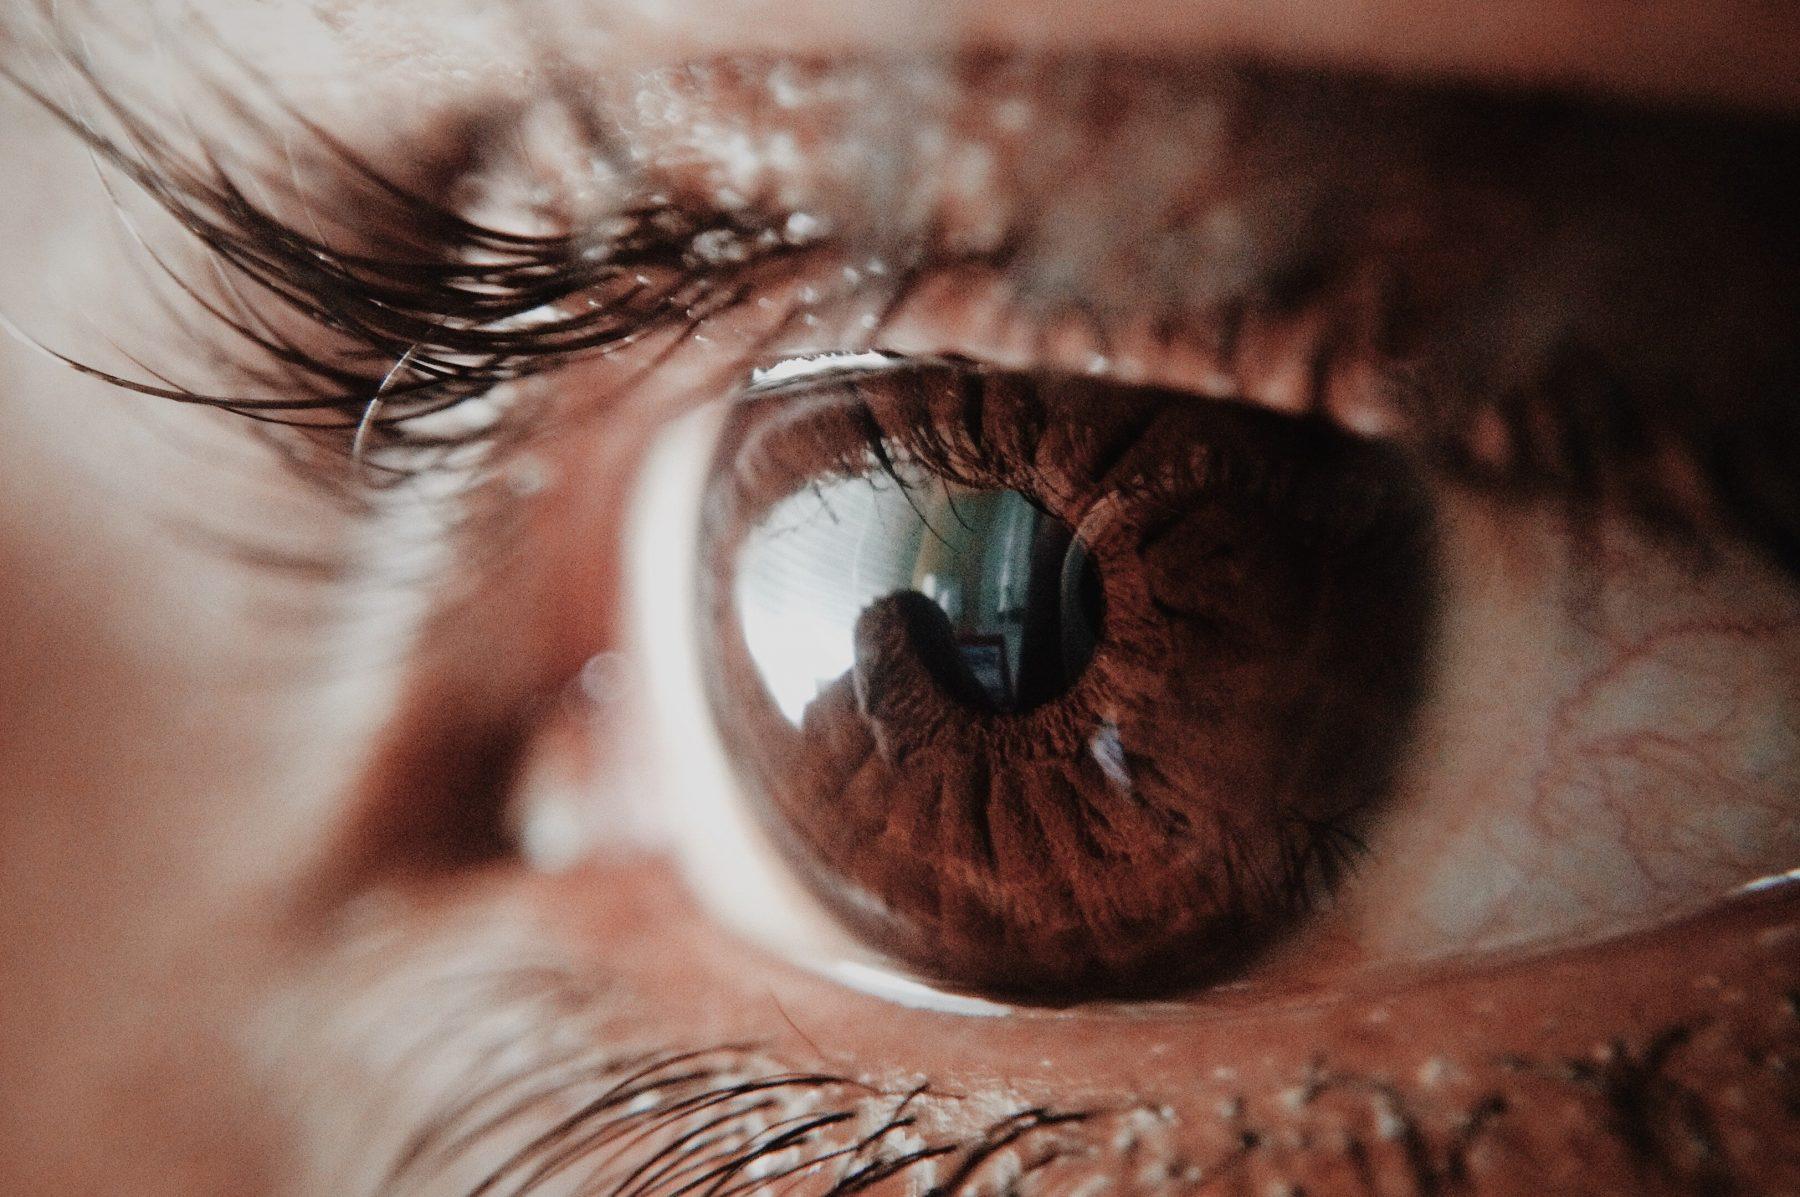 LINDA.test wimperverf: 'Twee ogen tegelijk is niet te doen'